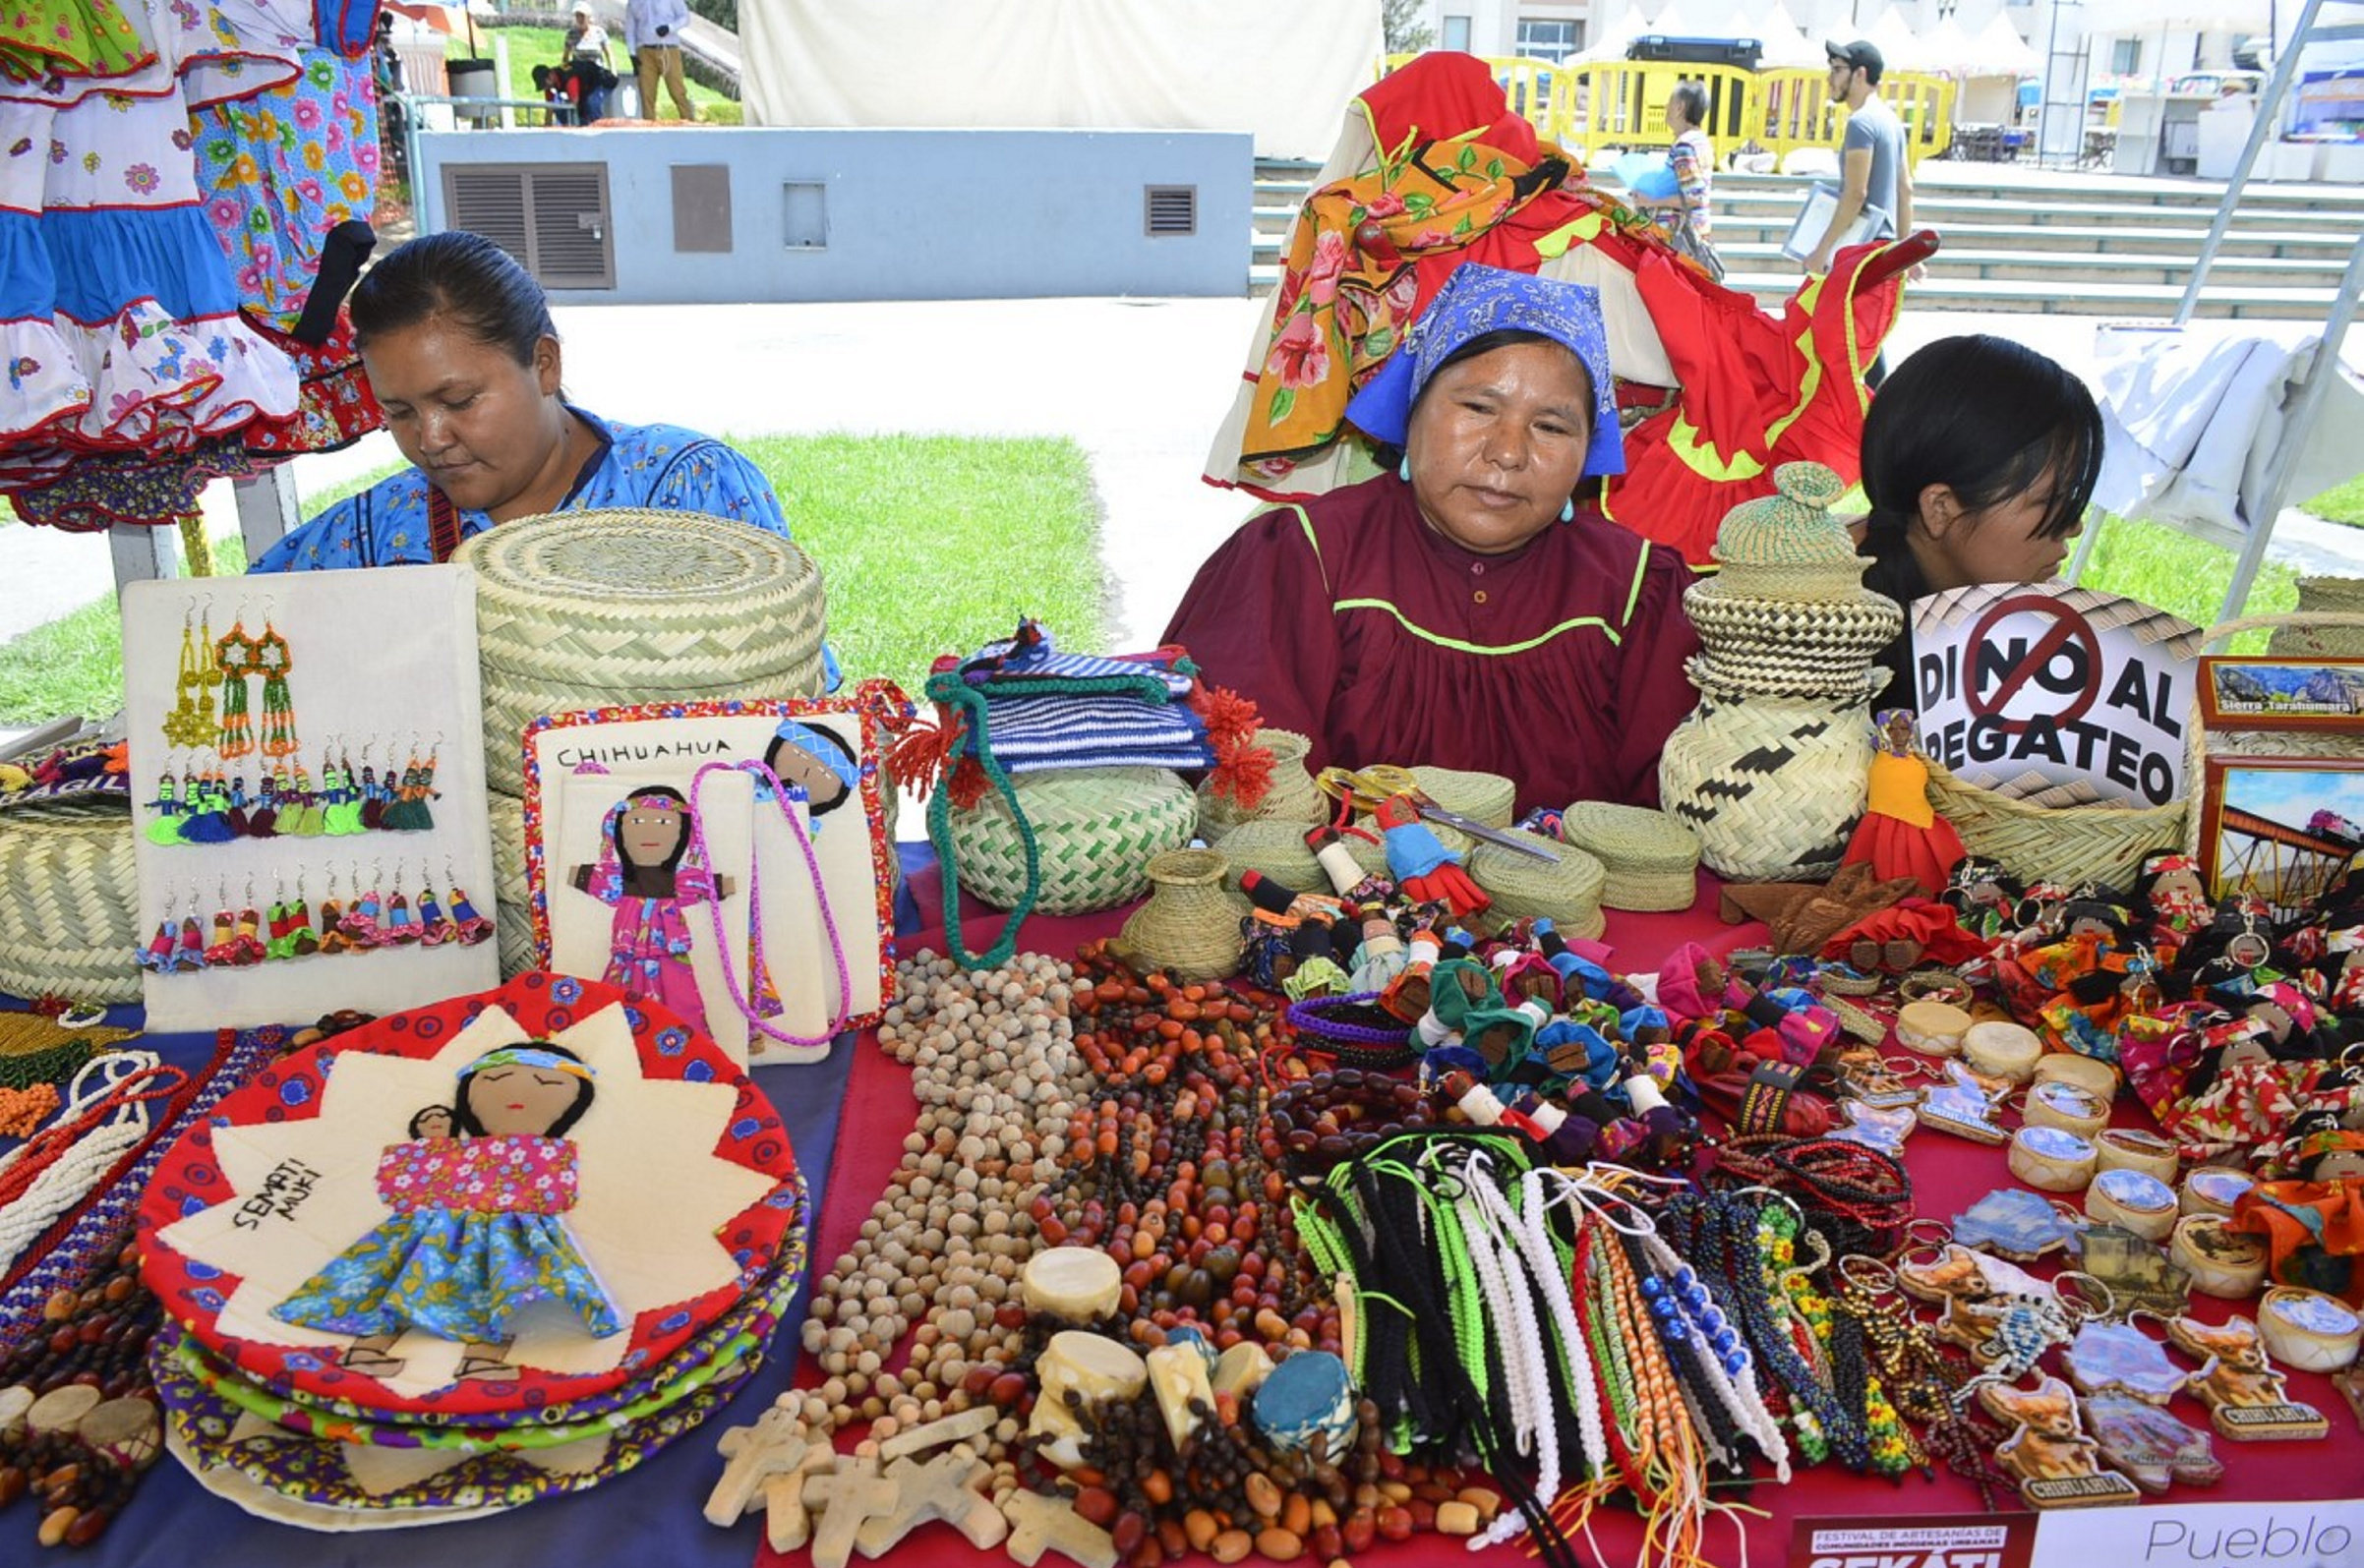 Mujeres indígenas venden productos artesanos en las calles de Ciudad de México